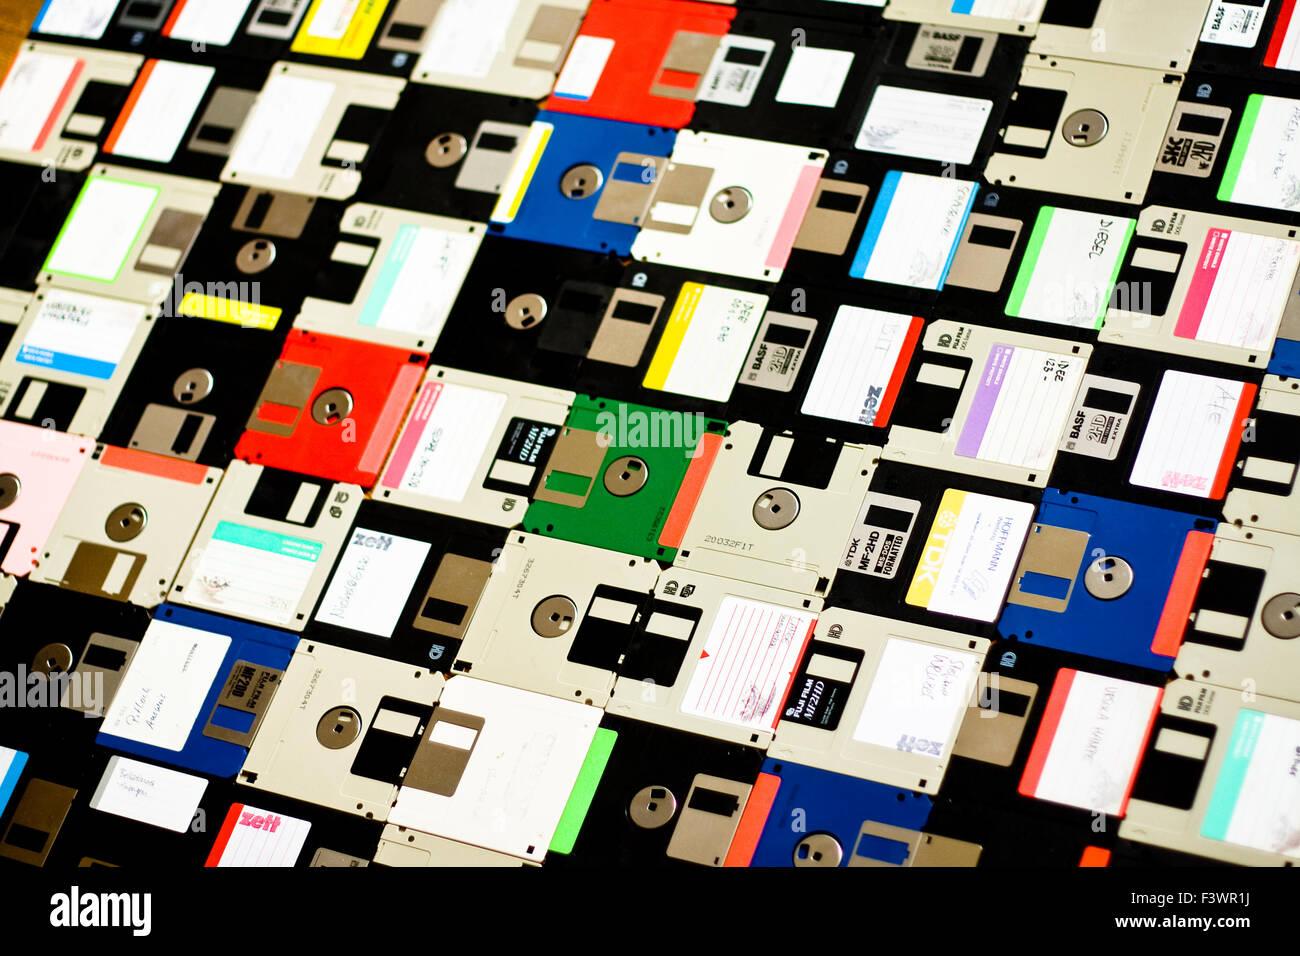 diskette, floppy disc Stock Photo